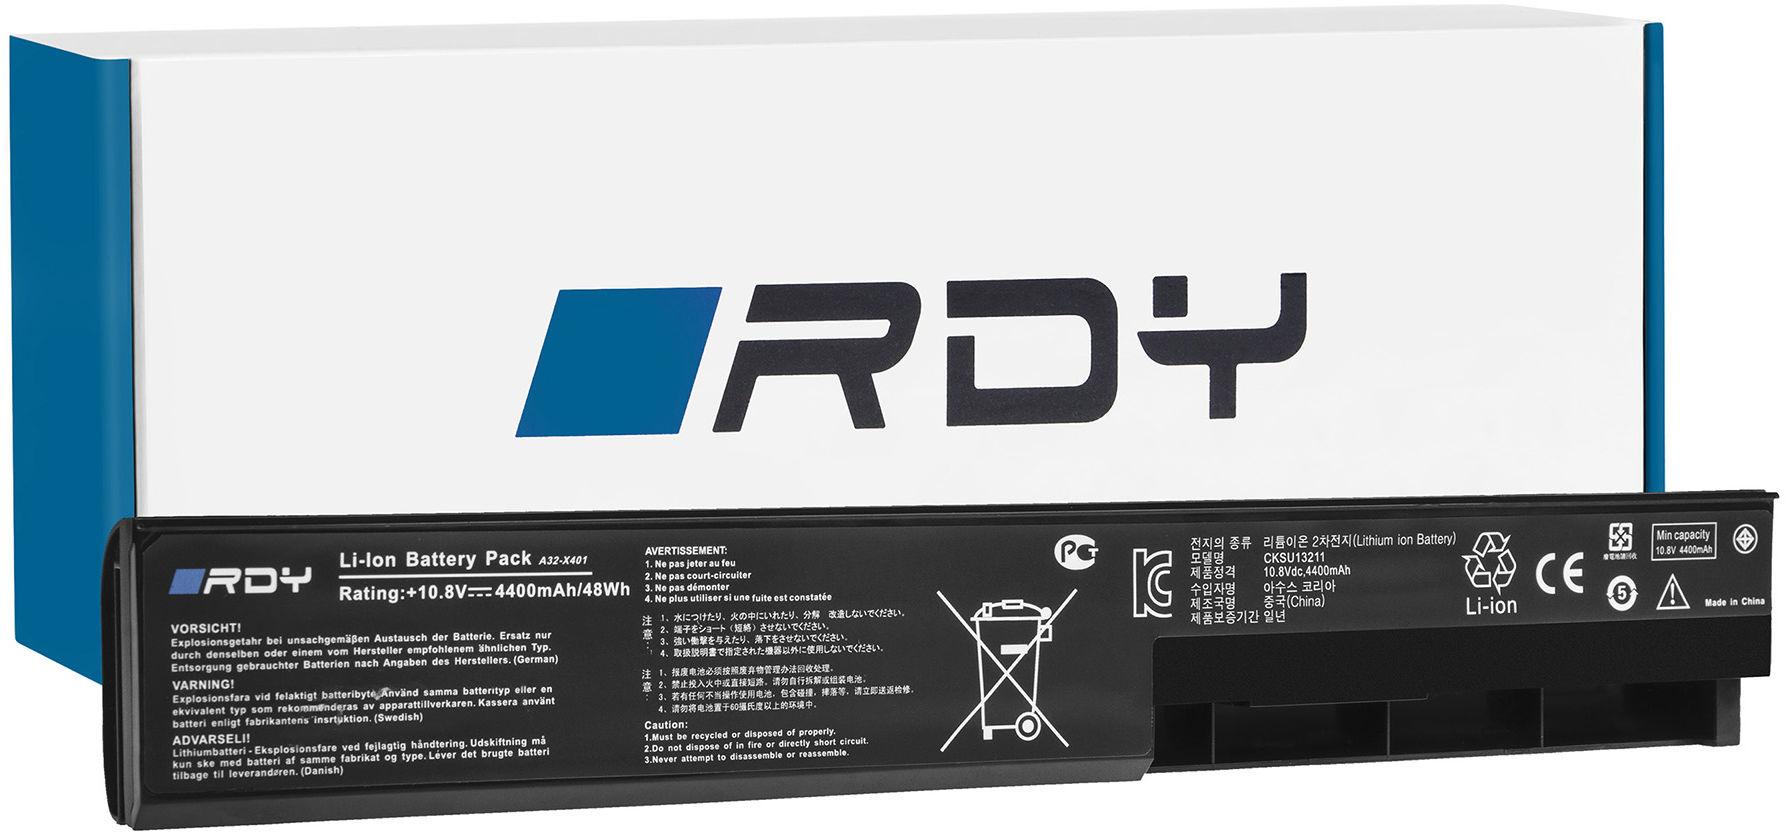 Bateria RDY A32-X401 A31-X401 A41-X401 do Asus X501 X301 X301A X401 X401A X401U X501A X501U